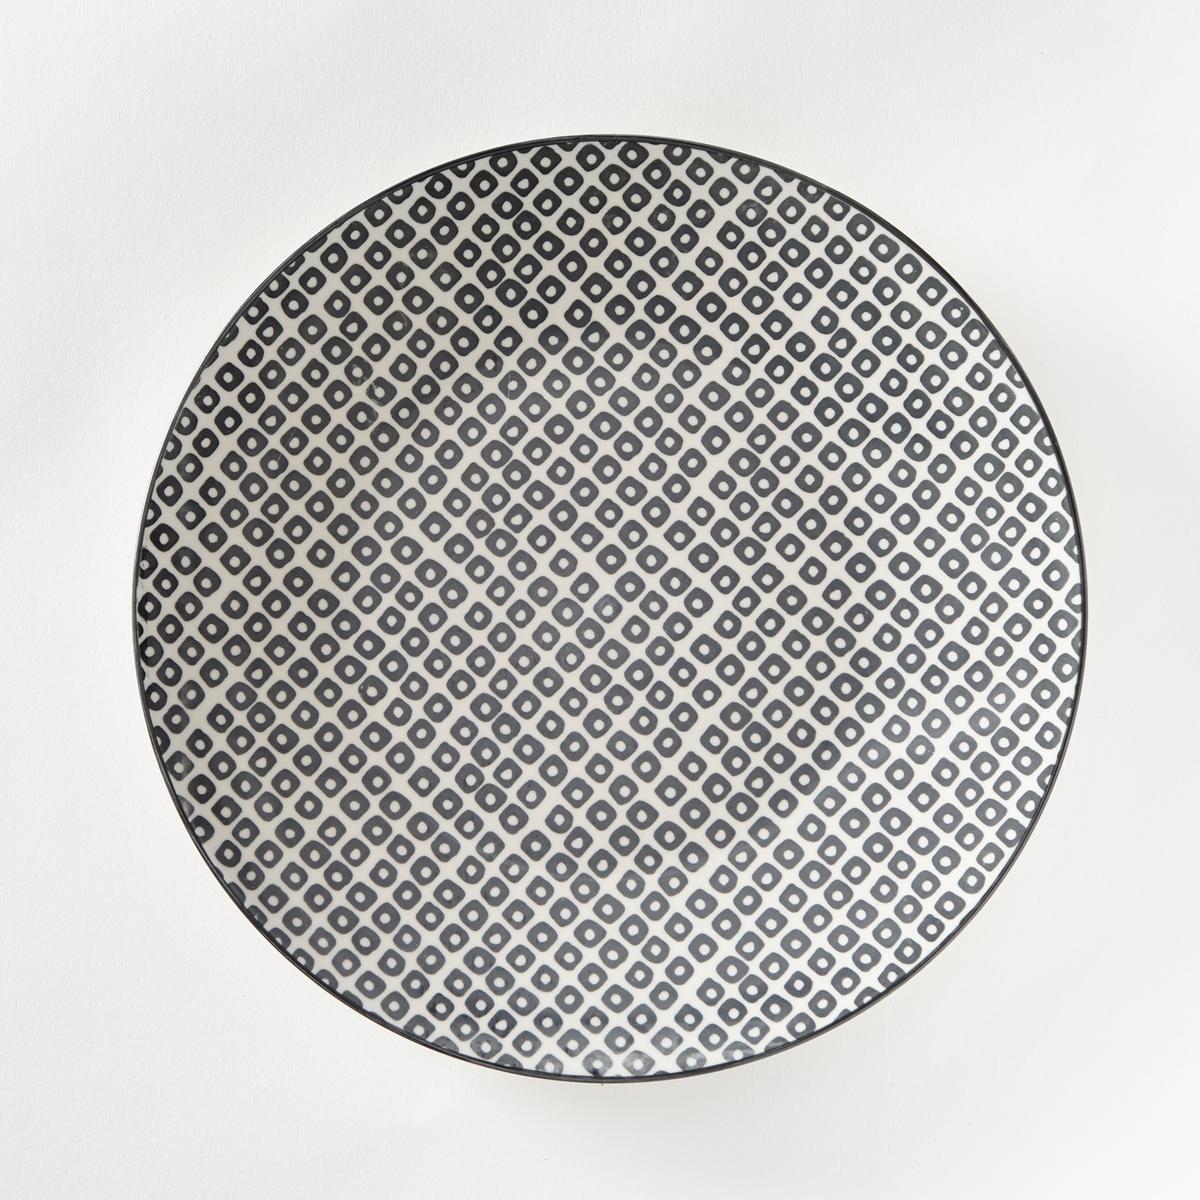 Комплект из 4 мелких тарелок из фарфора Akiva